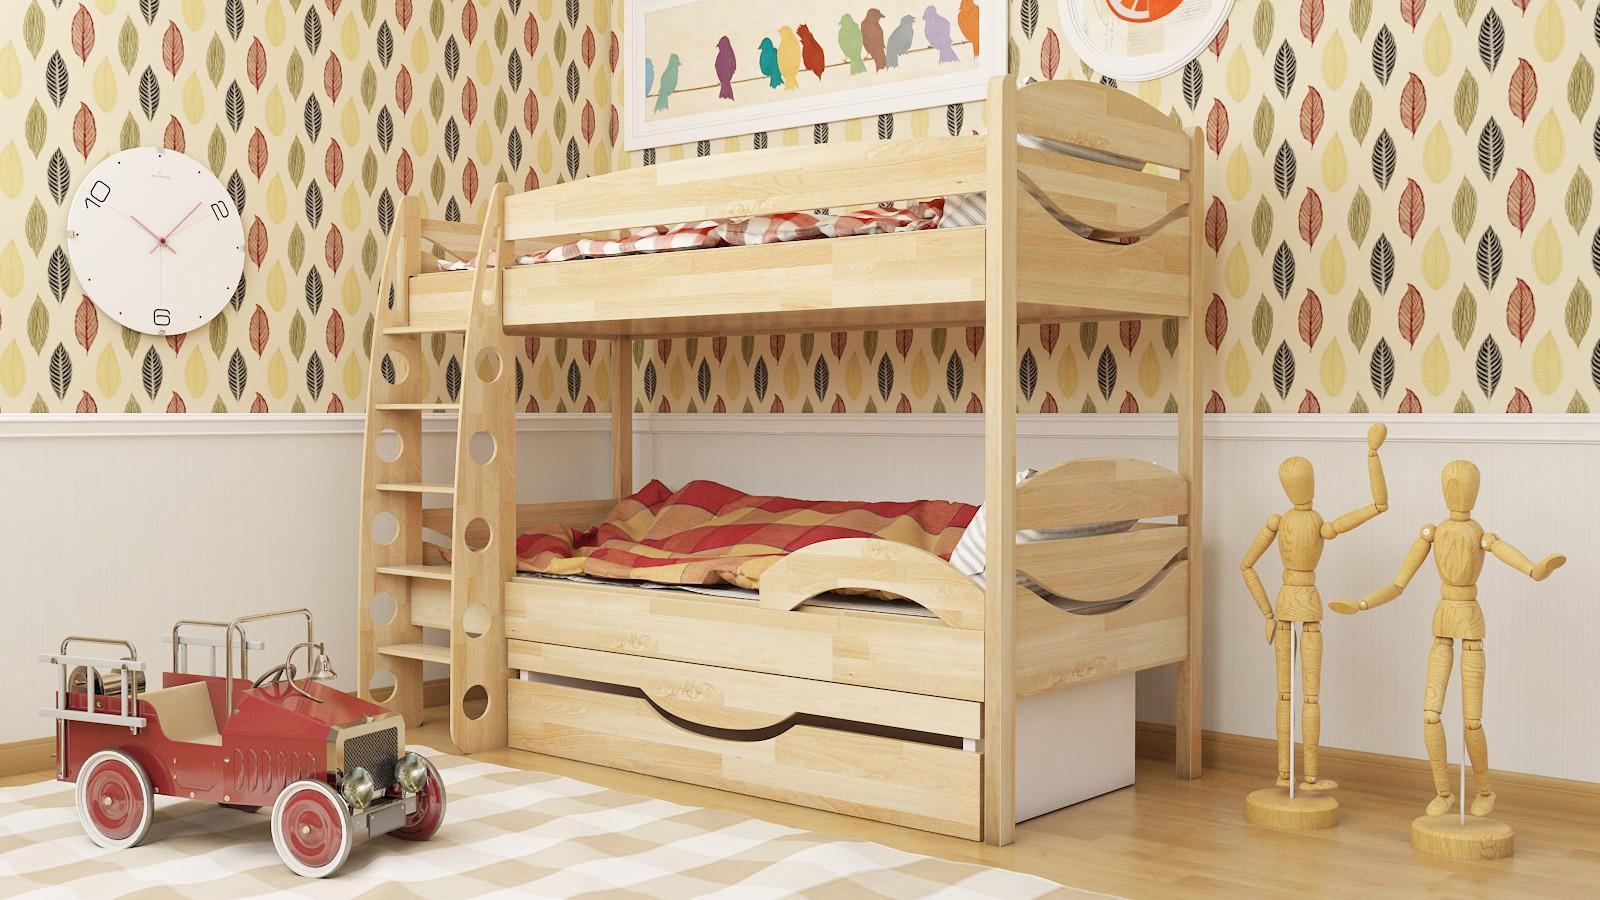 """Двухъярусная кровать """"Эни-Бэни"""" KDEBUKU детская для мальчиков и девочек детей от 2-3 лет"""